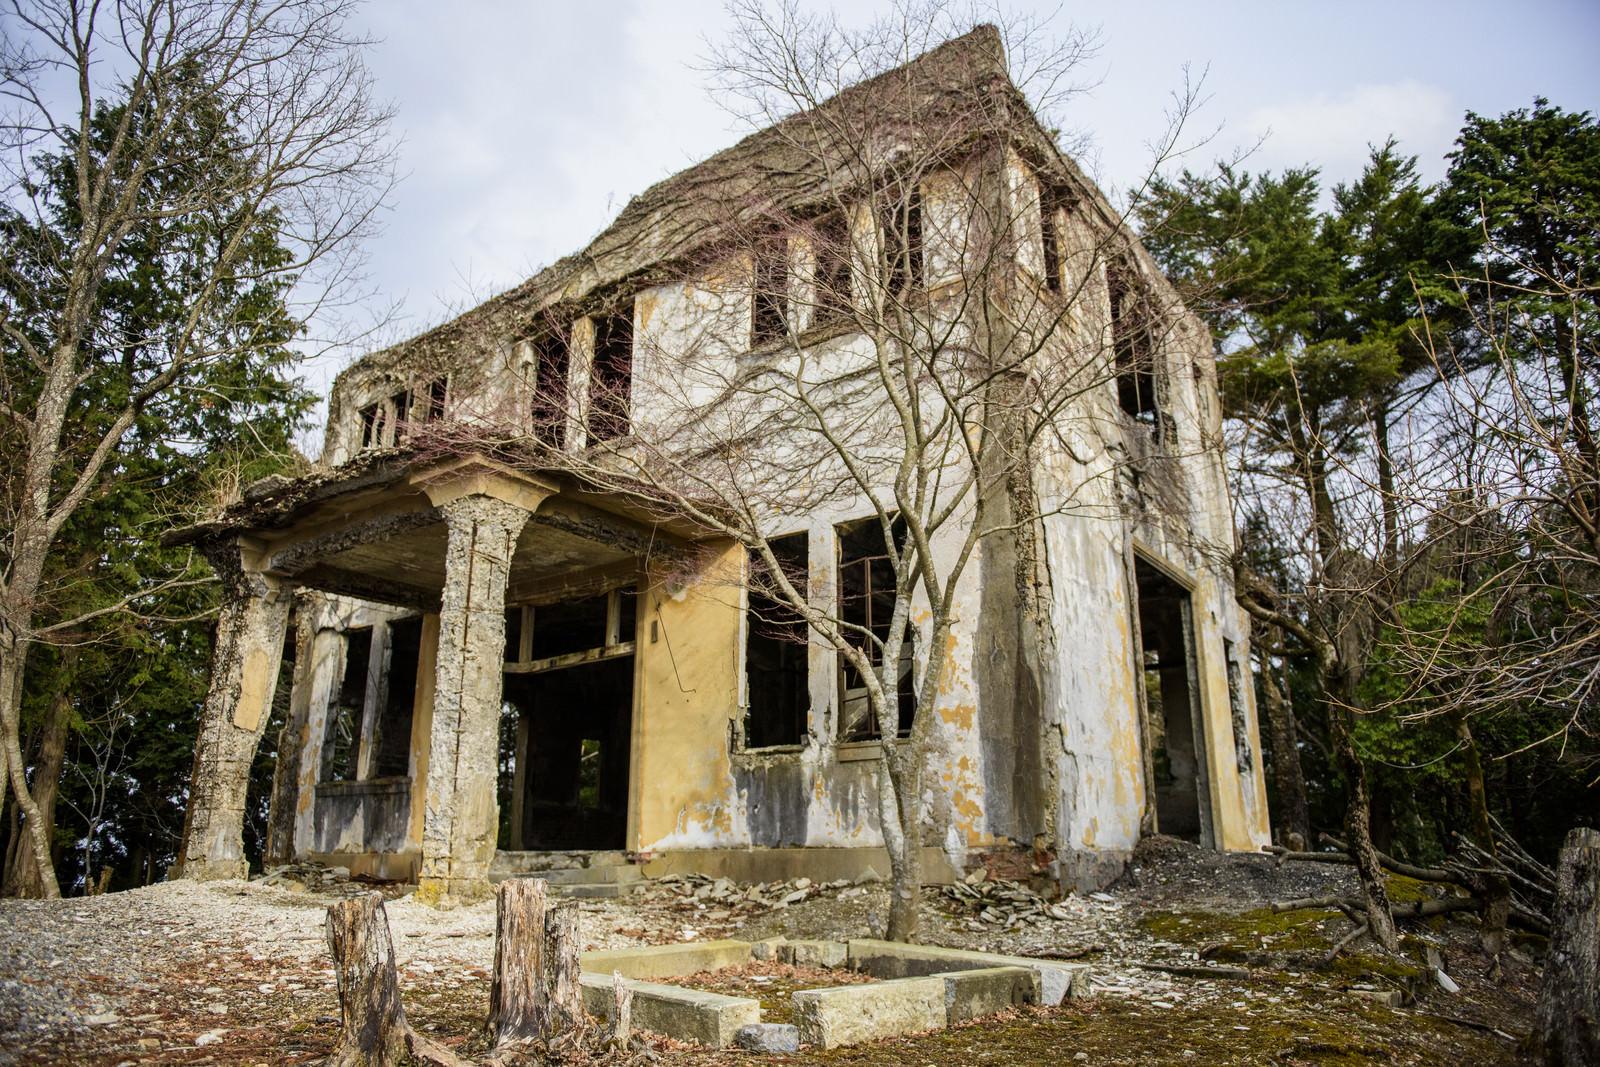 「崩れ落ちそうなケーブルカー駅の廃墟」の写真